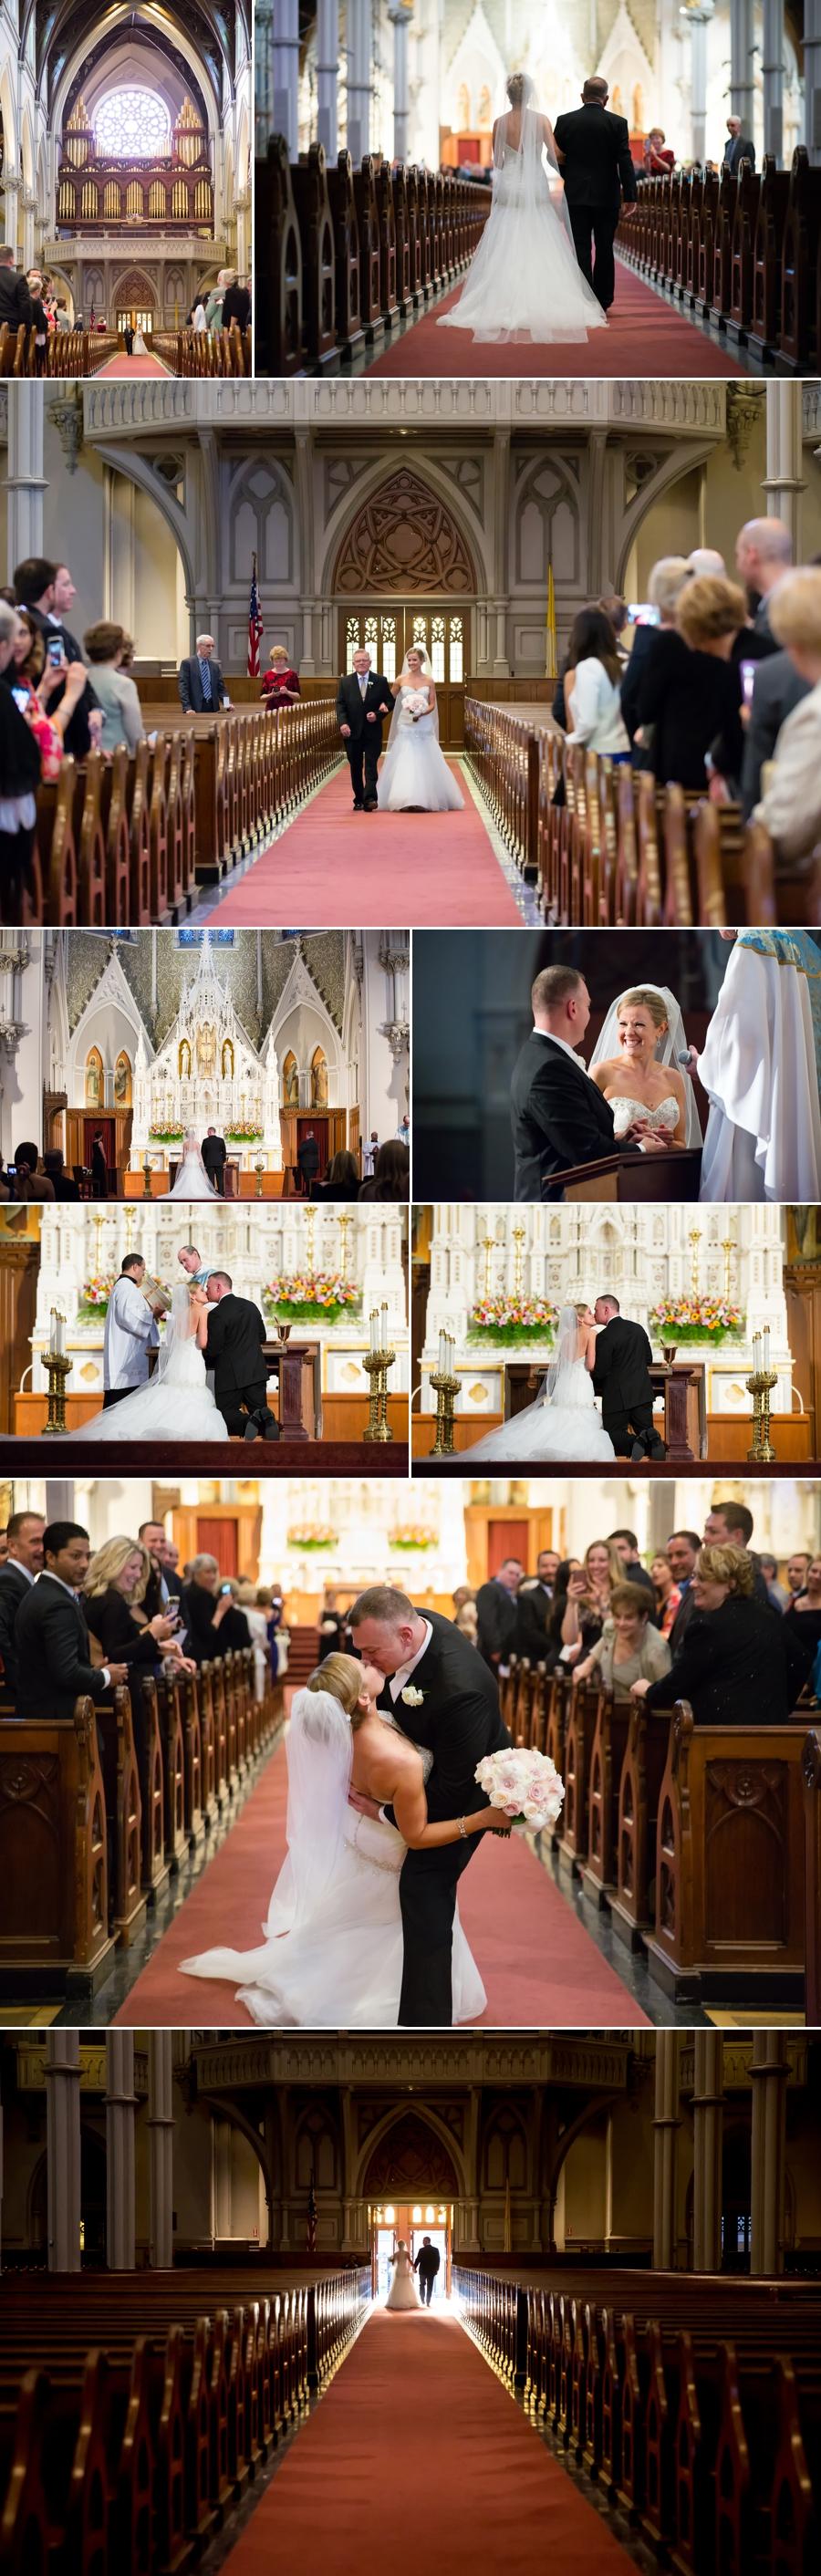 Wedding Ceremony  photo collage